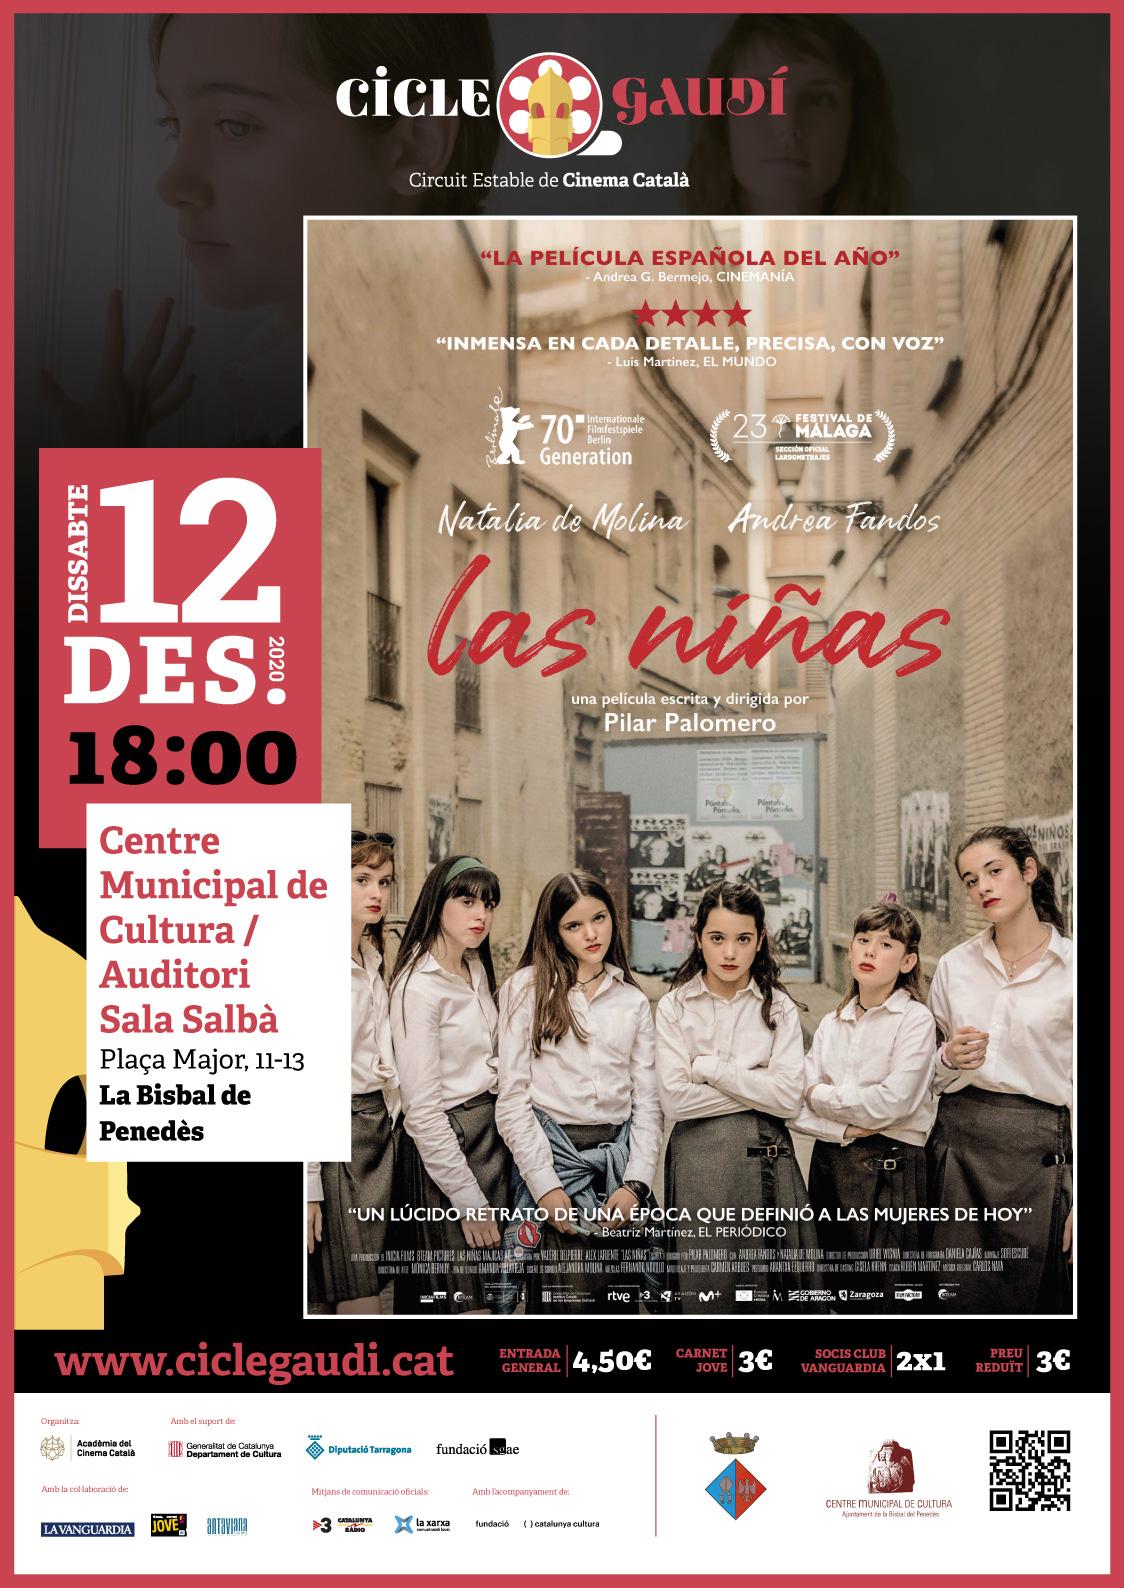 El CMC acollirà la projecció de 'Las niñas' del Cicle Gaudí el dissabte 12 de desembre a les 18h